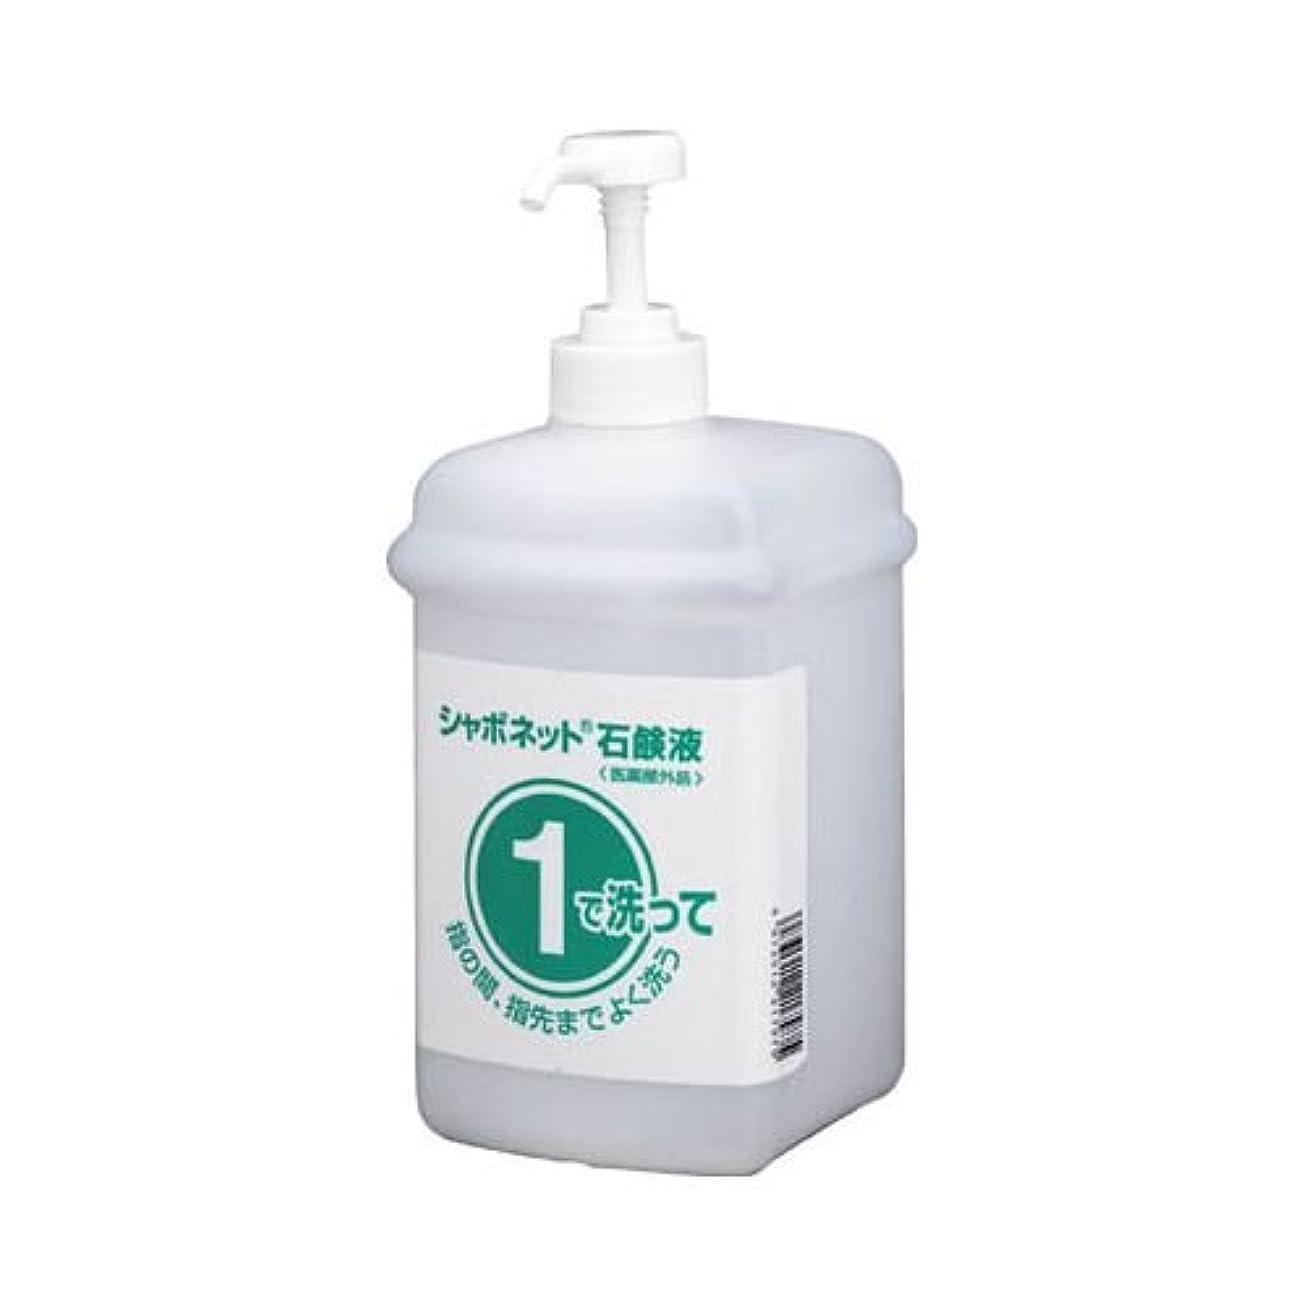 永久文芸優雅サラヤ 石鹸容器 1?2セットボトル 石鹸液用1L 21793